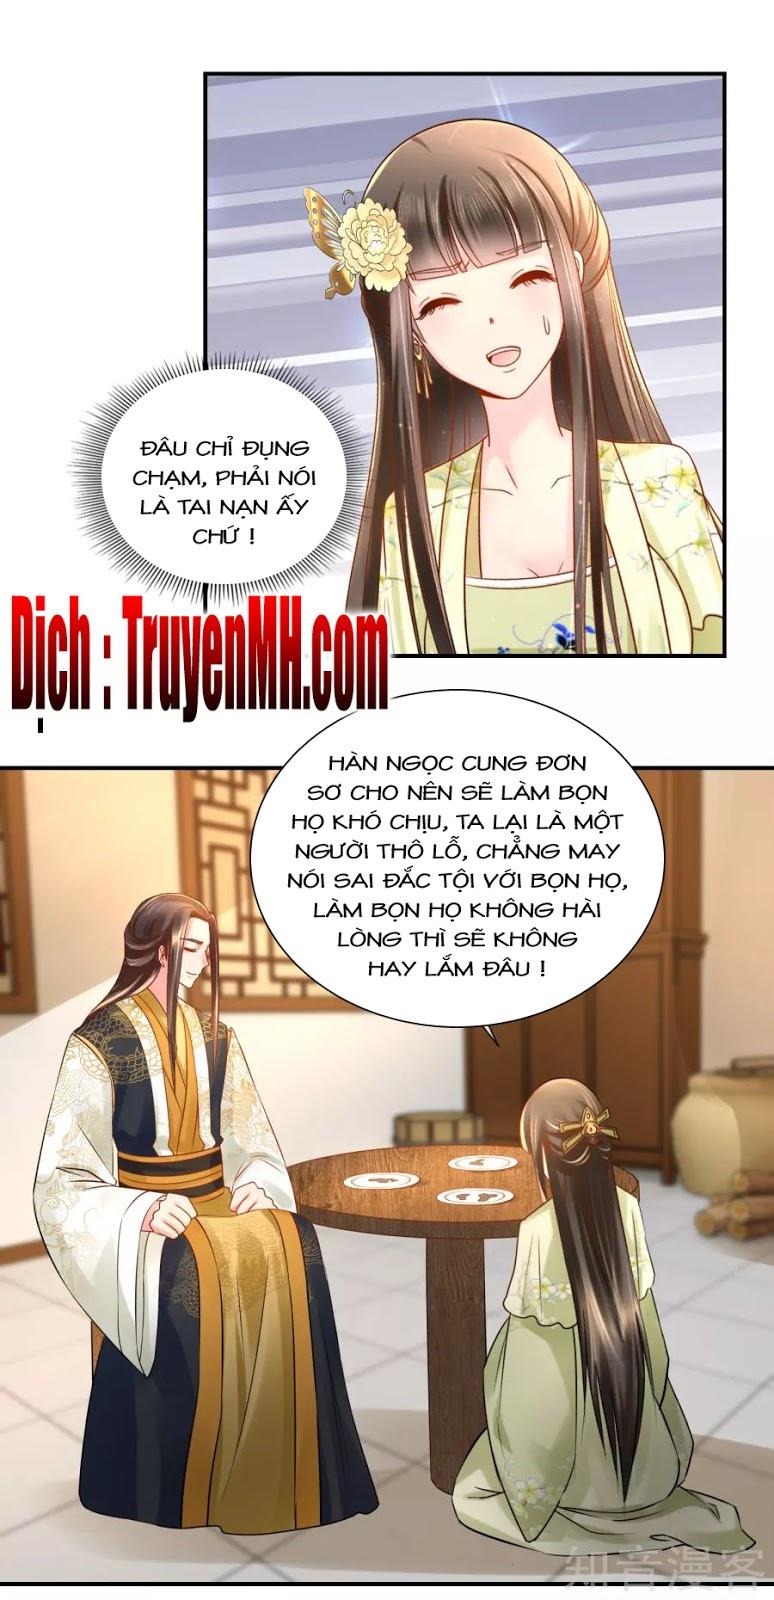 Lãnh Cung Phế Hậu Muốn Nghịch Thiên chap 43 - Trang 9